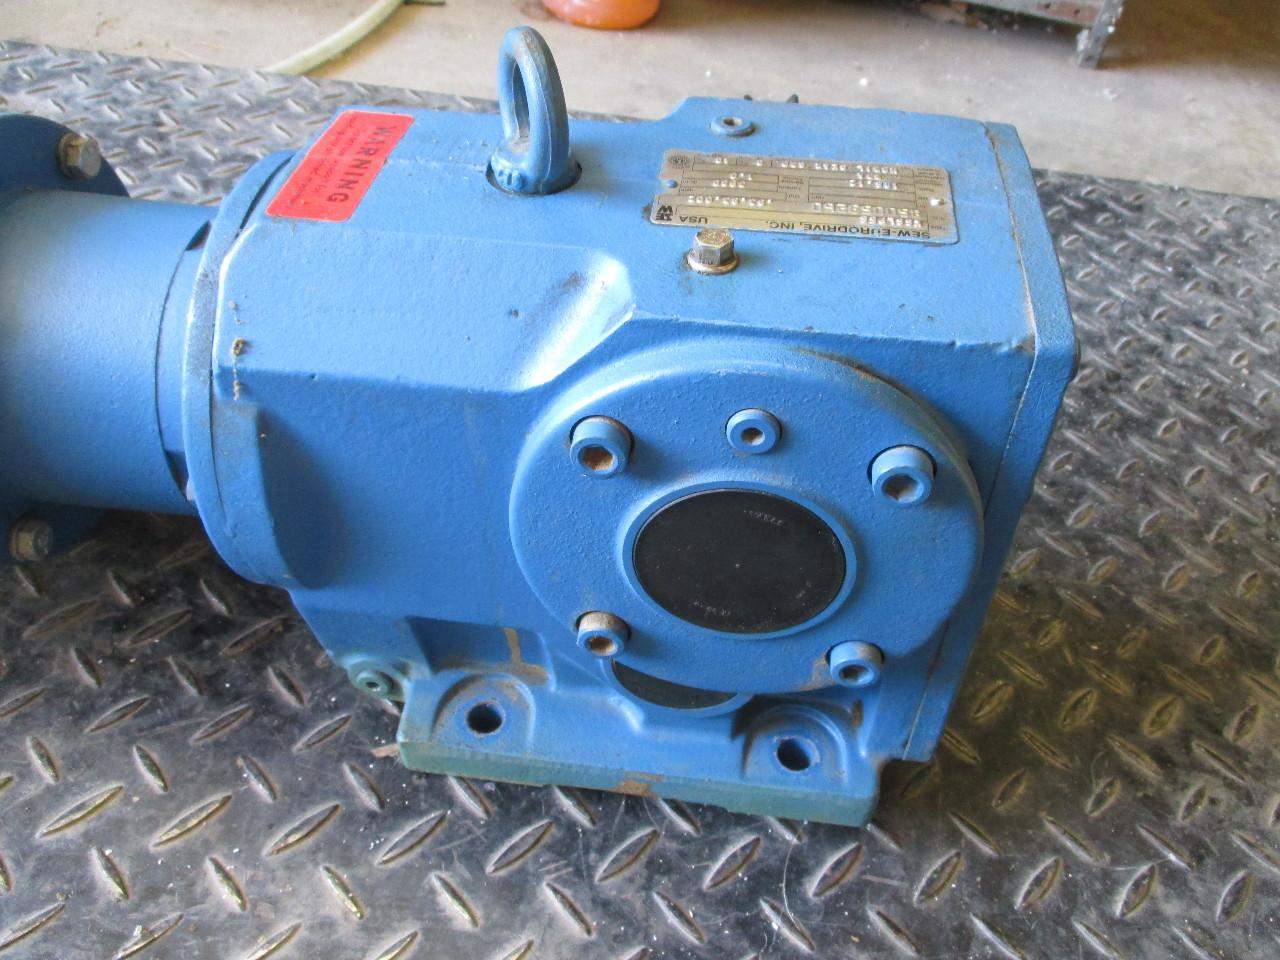 Baldor Ac Motor Vm3546 1 Hp Sew Eurodrive K66lp56 Speed